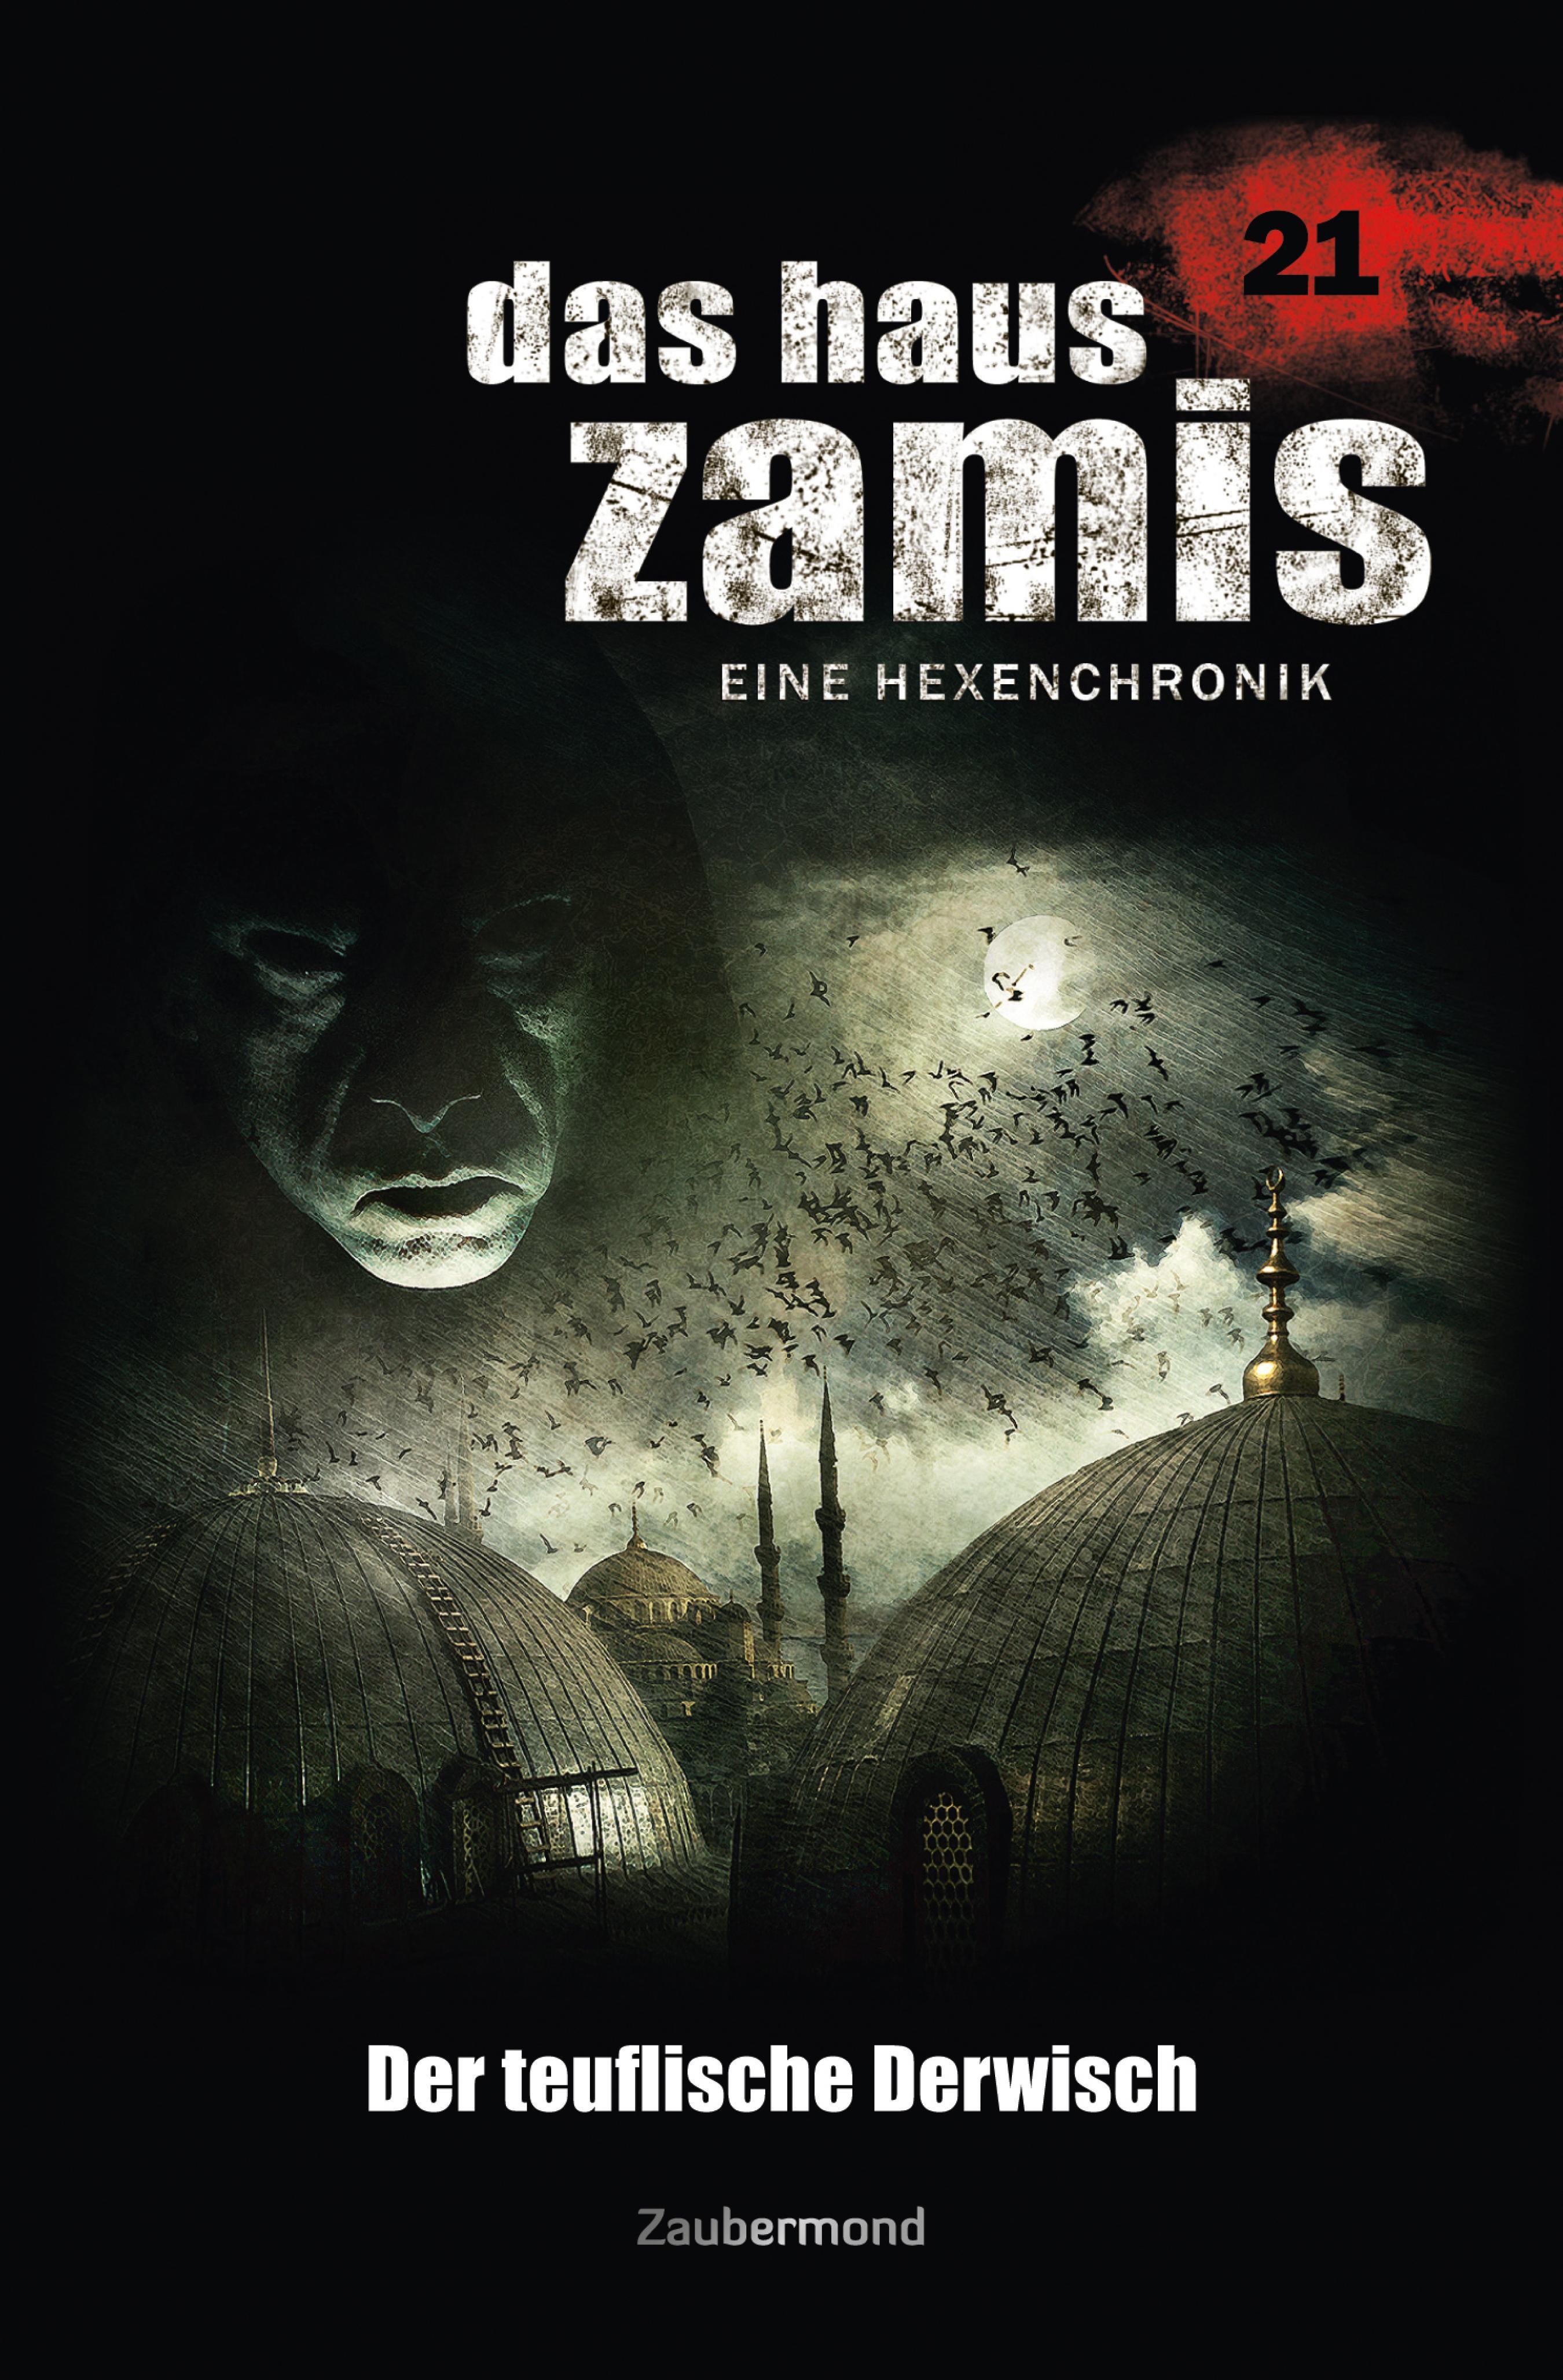 цена Michael M. Thurner Das Haus Zamis 21 - Der teuflische Derwisch